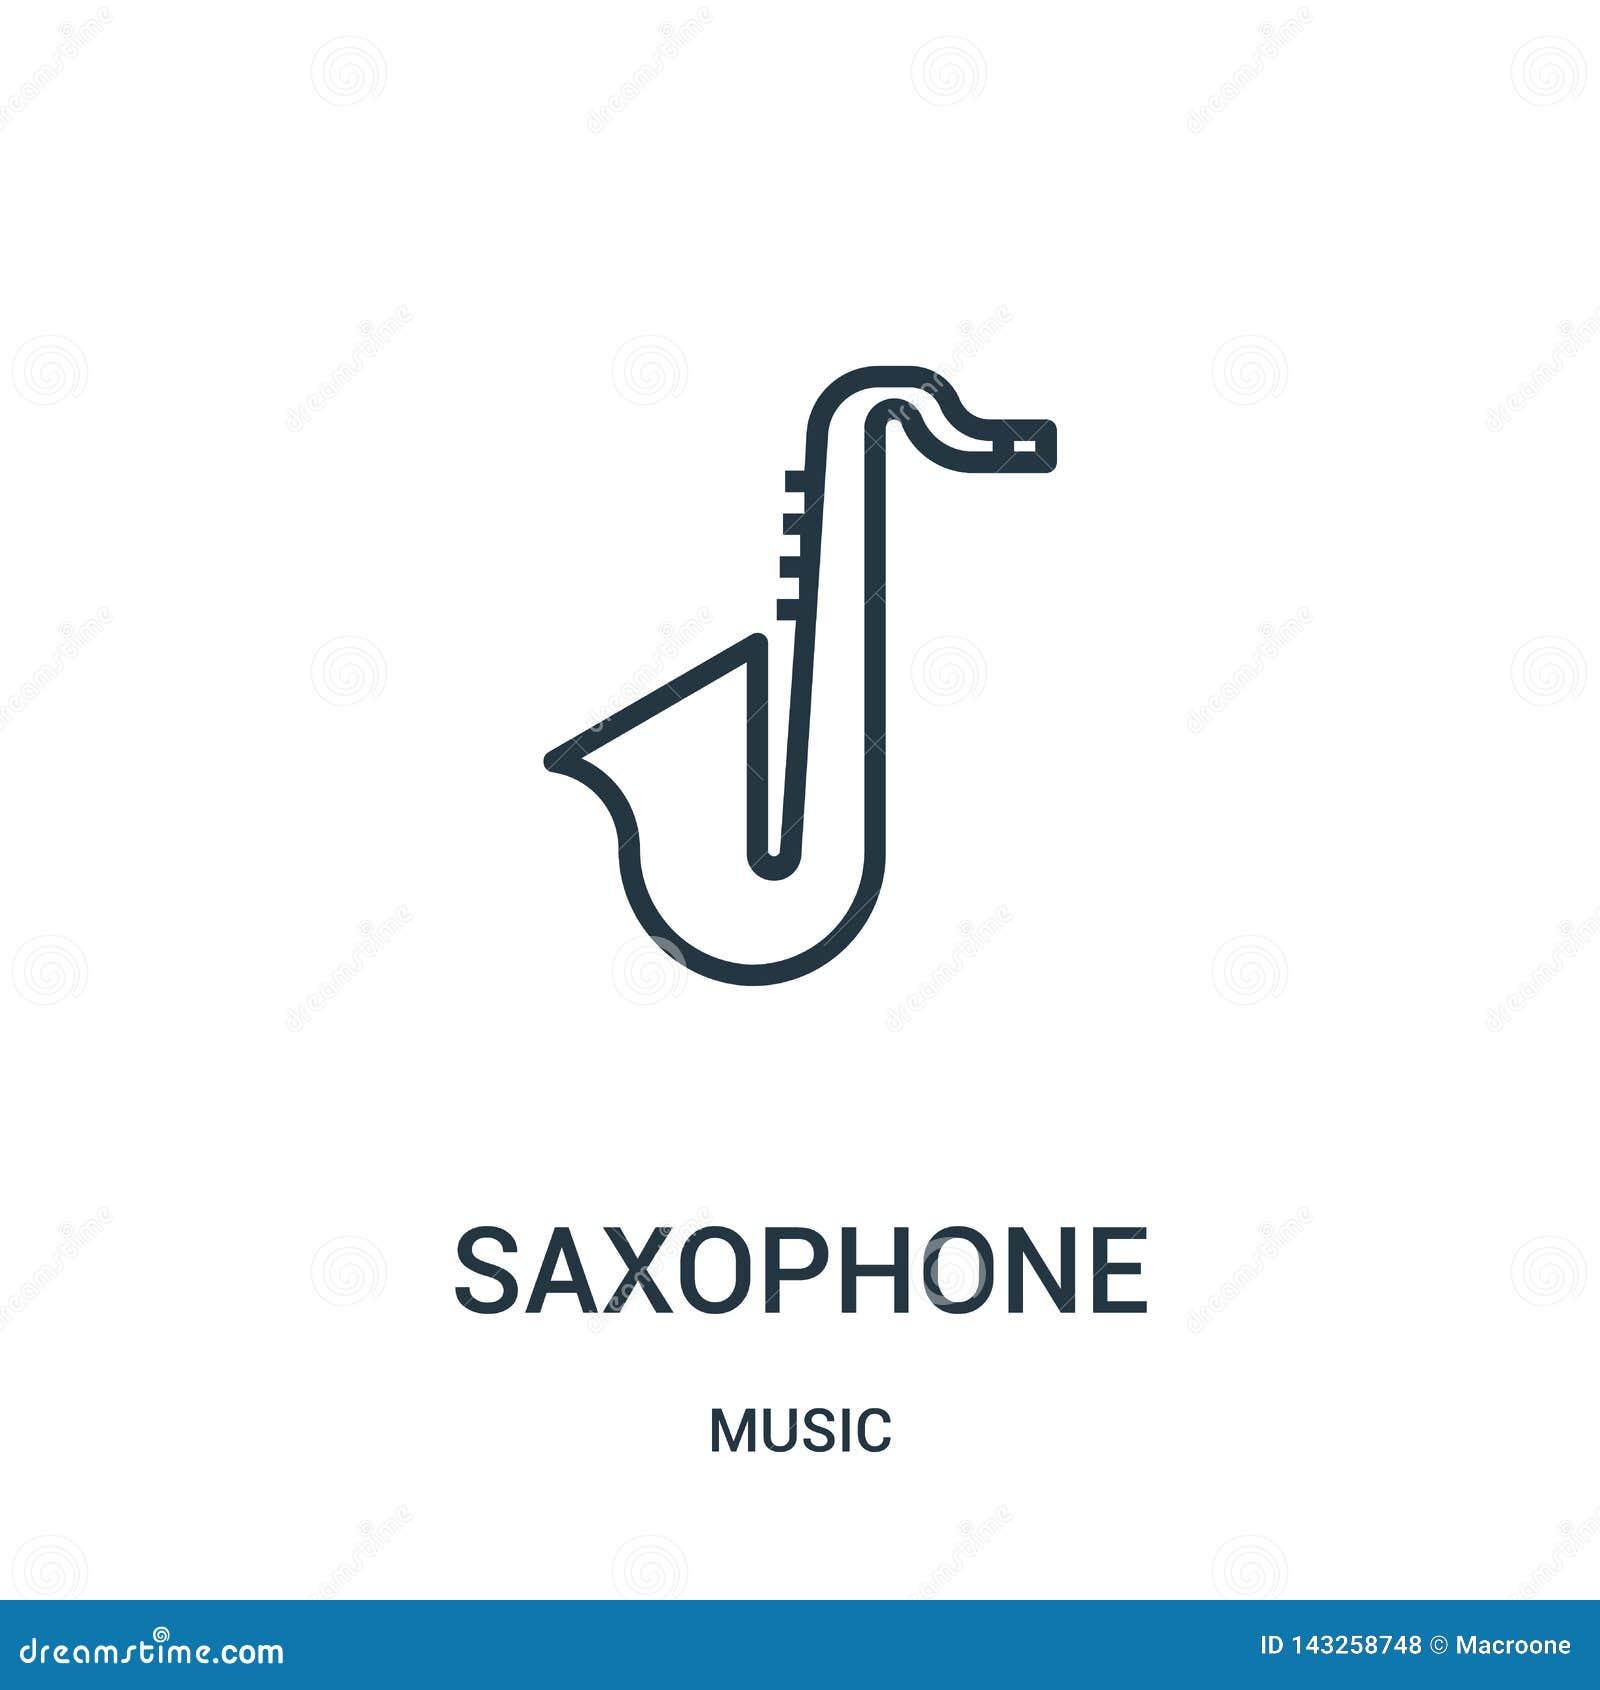 Saxophonikonenvektor von der Musiksammlung Dünne Linie Saxophonentwurfsikonen-Vektorillustration